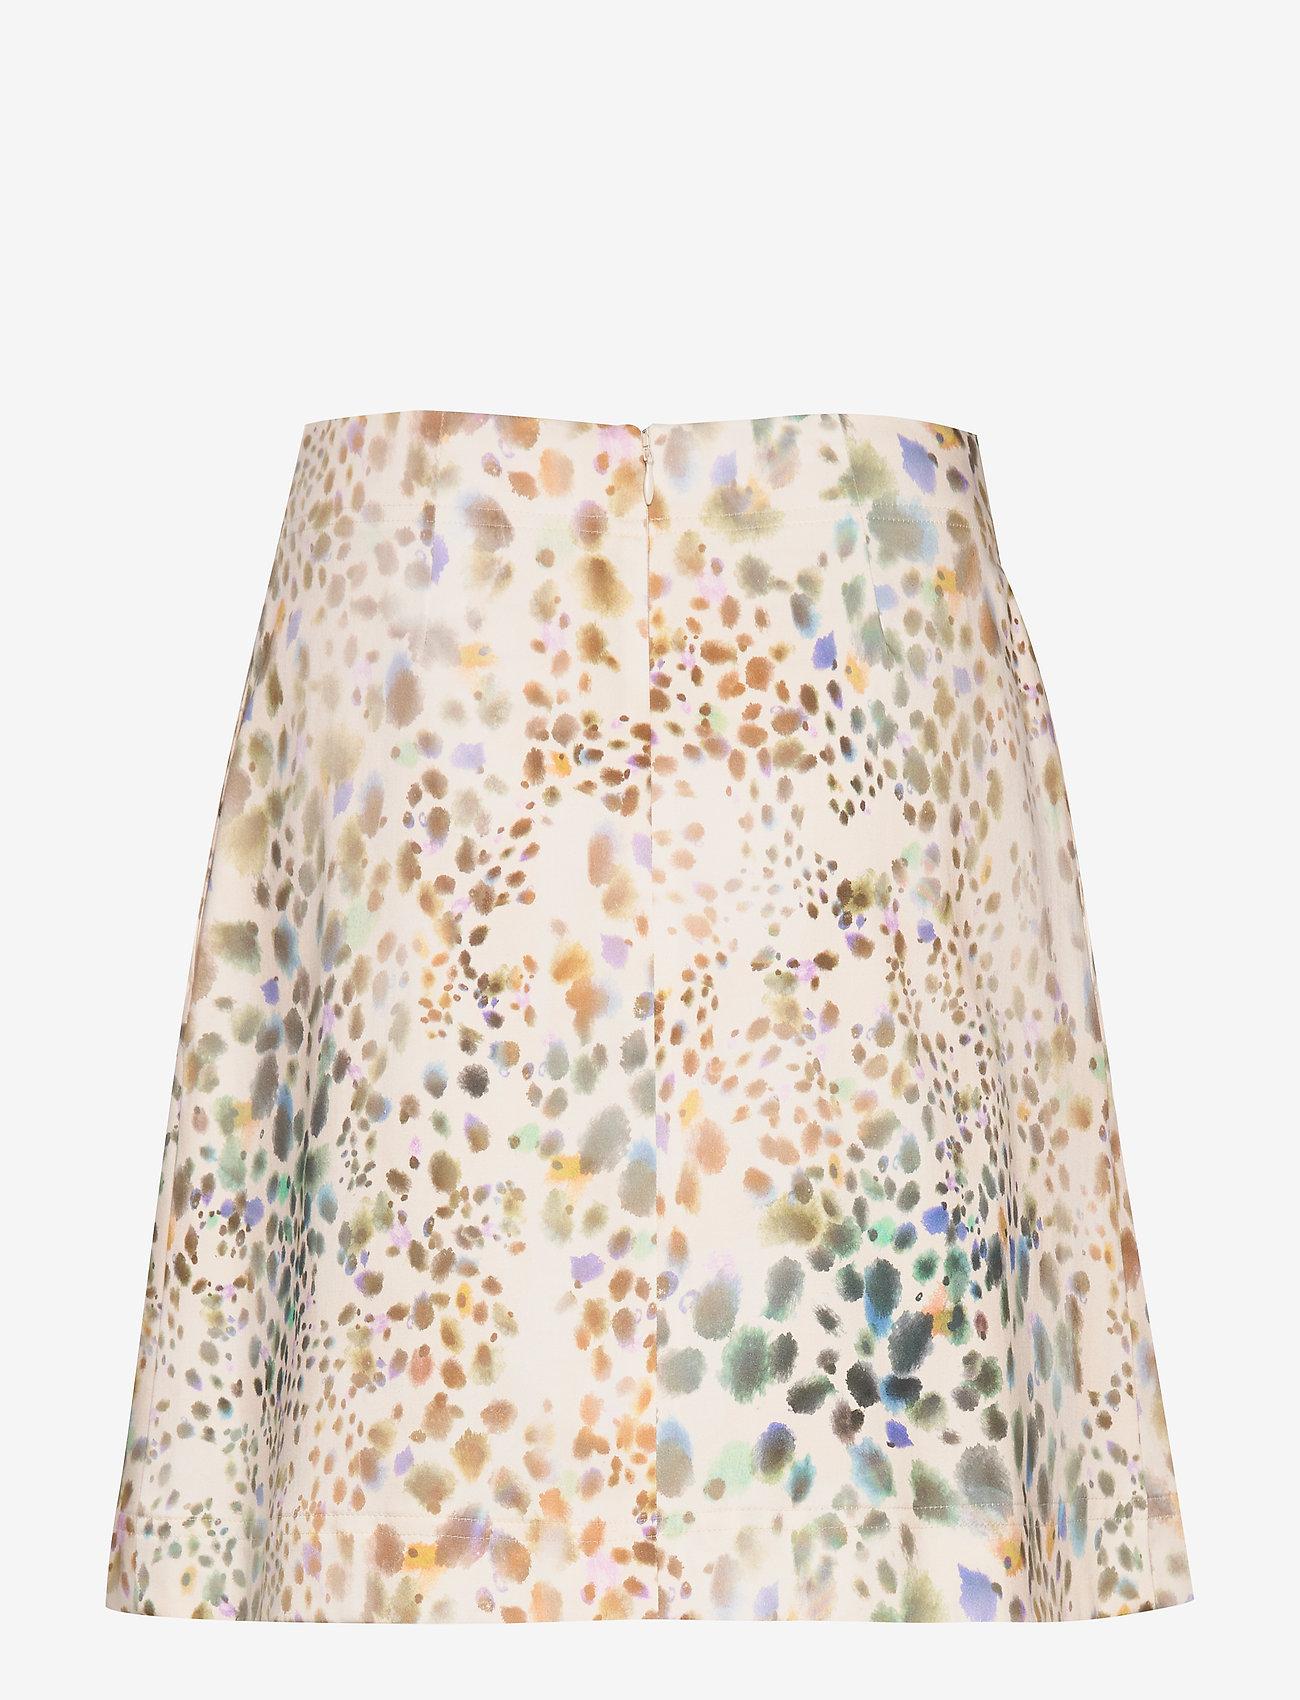 Max&Co. PATRONO - Skirts IVORY PATTERN